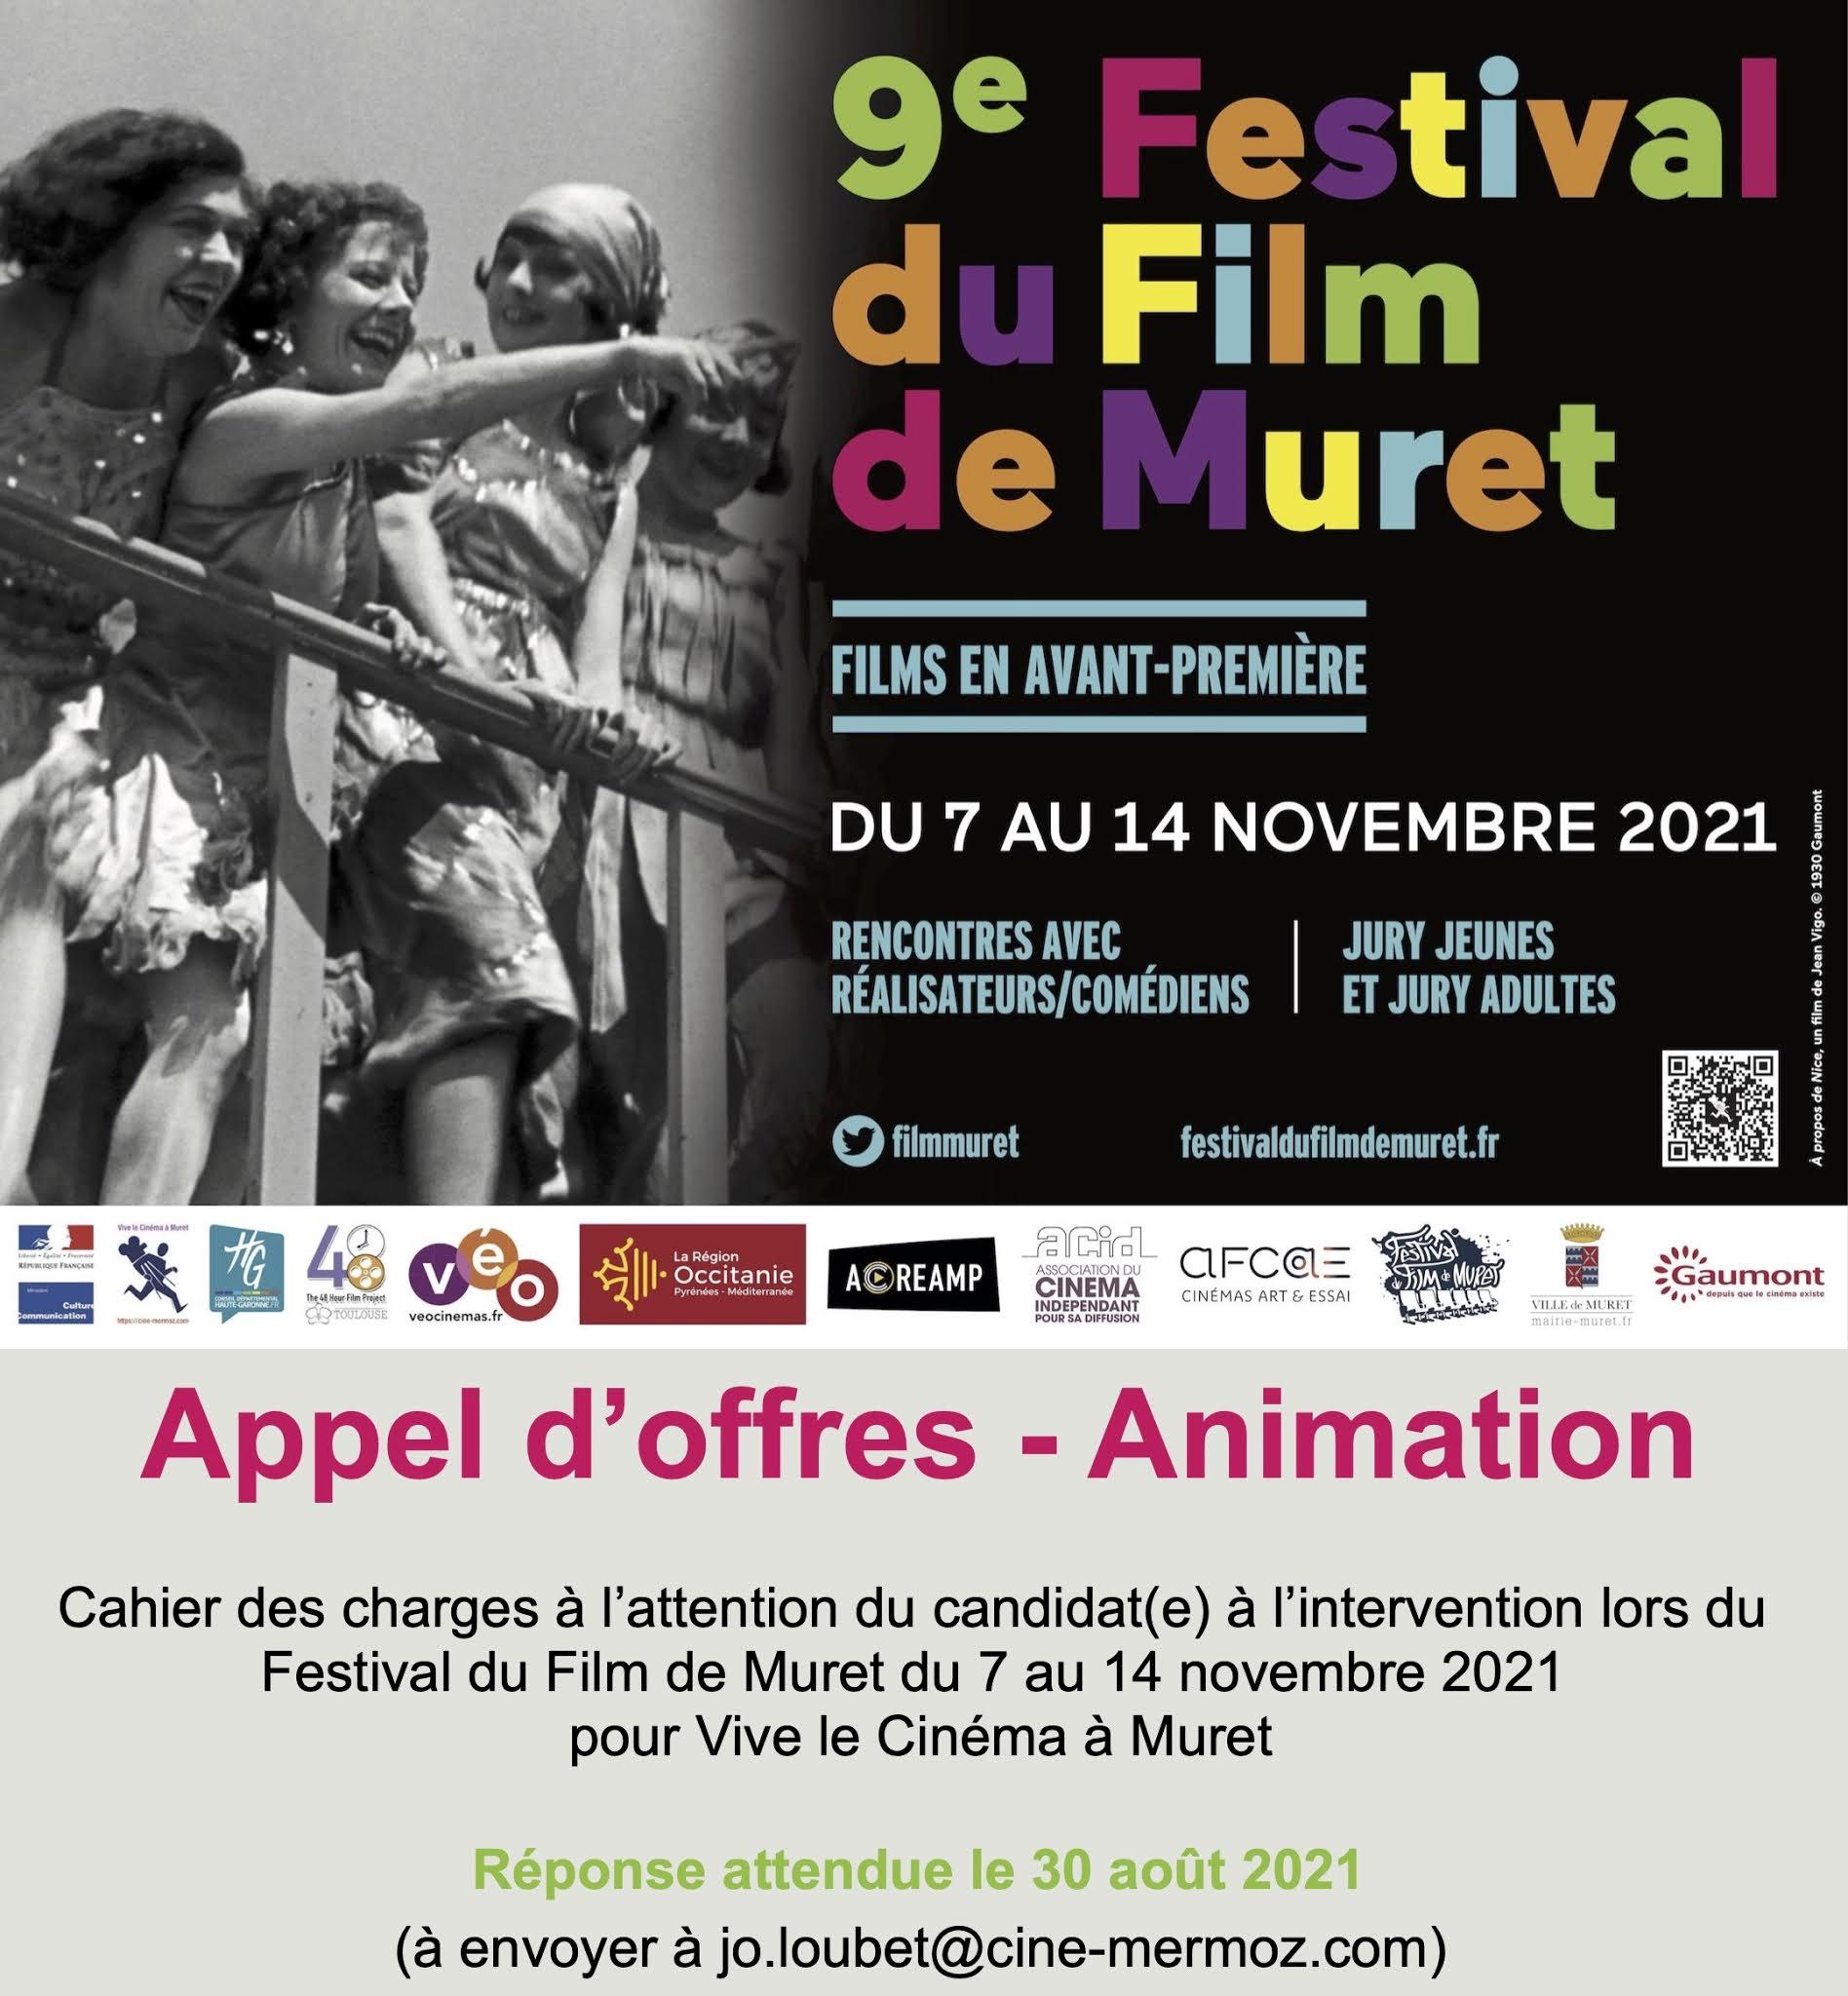 """Appel d'offres """"Animation"""" Festival du Film de Muret"""